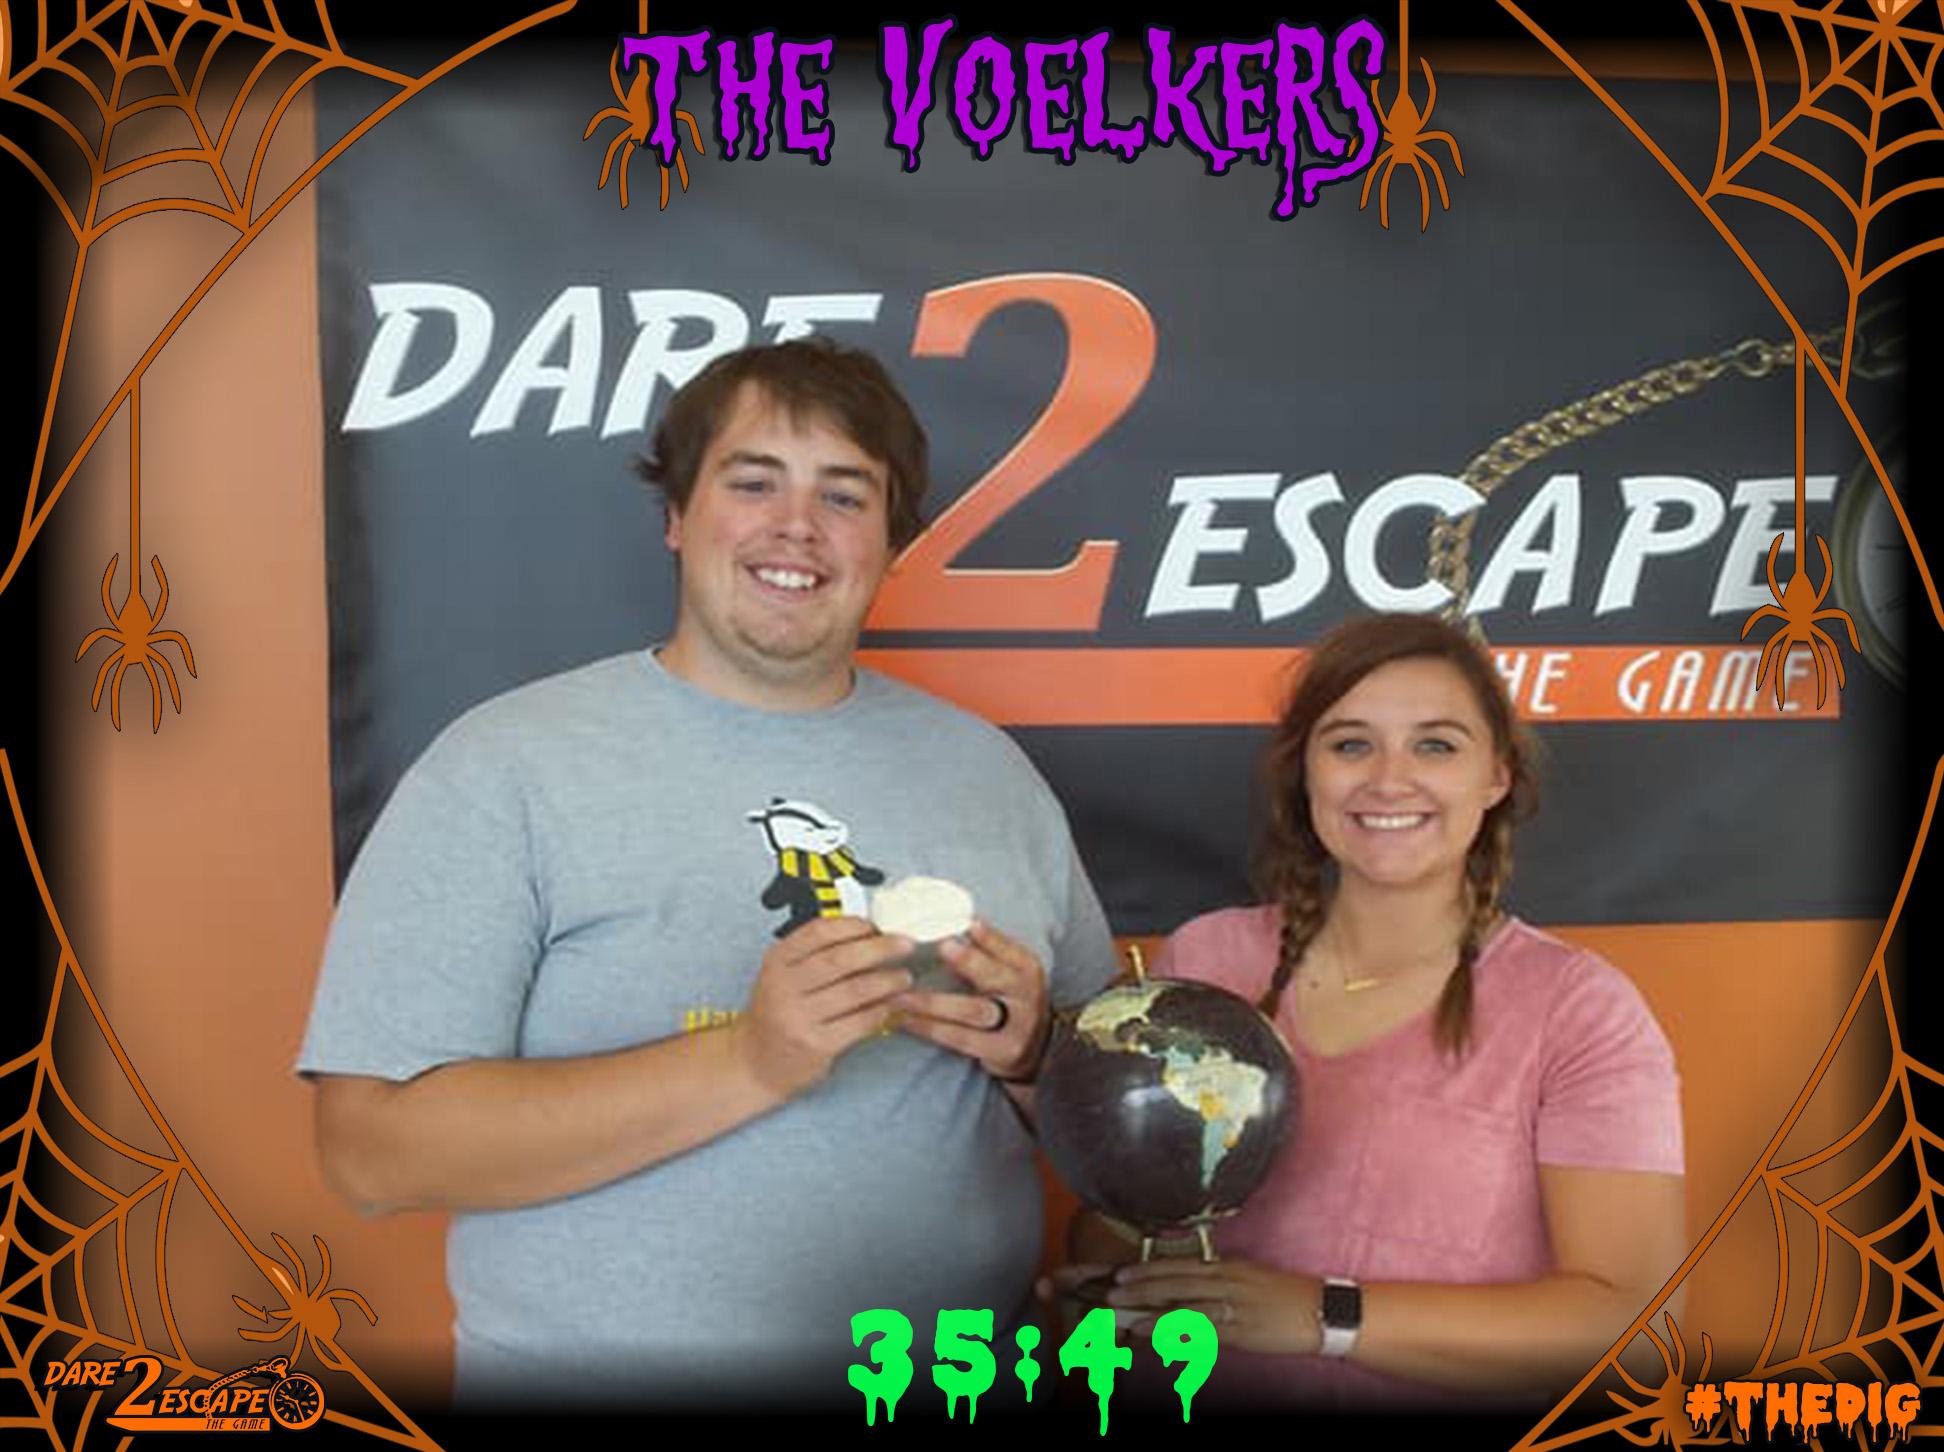 02 The Voelkers 35_54.jpg